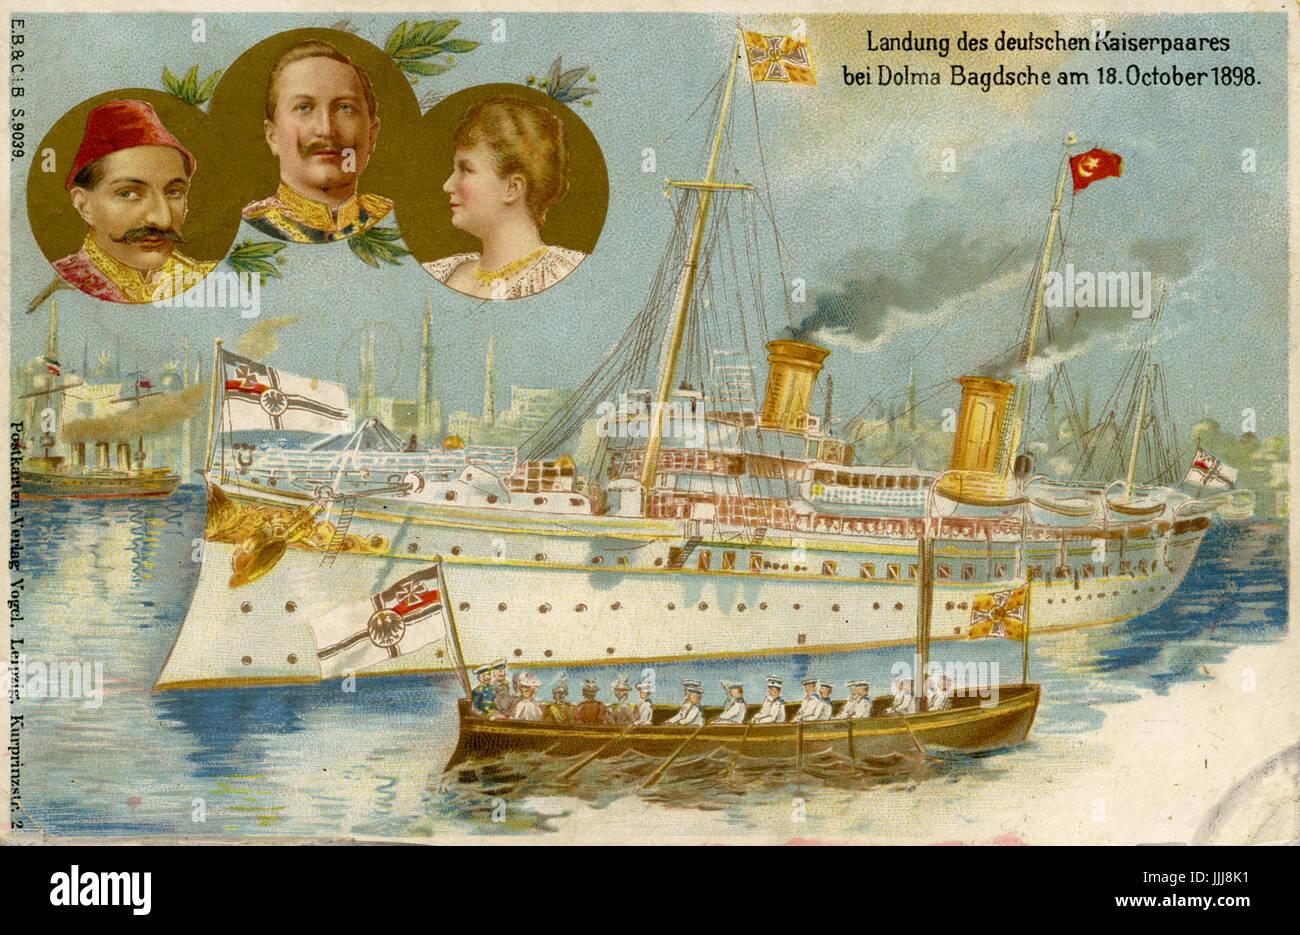 Kaiser Wilhelm Visite En Terre Sainte Palestine 1898 Carte Postale Commemorative Larrivee A Istanbul De Dolmabahce Portraits Du Sultan Abdul Hamid